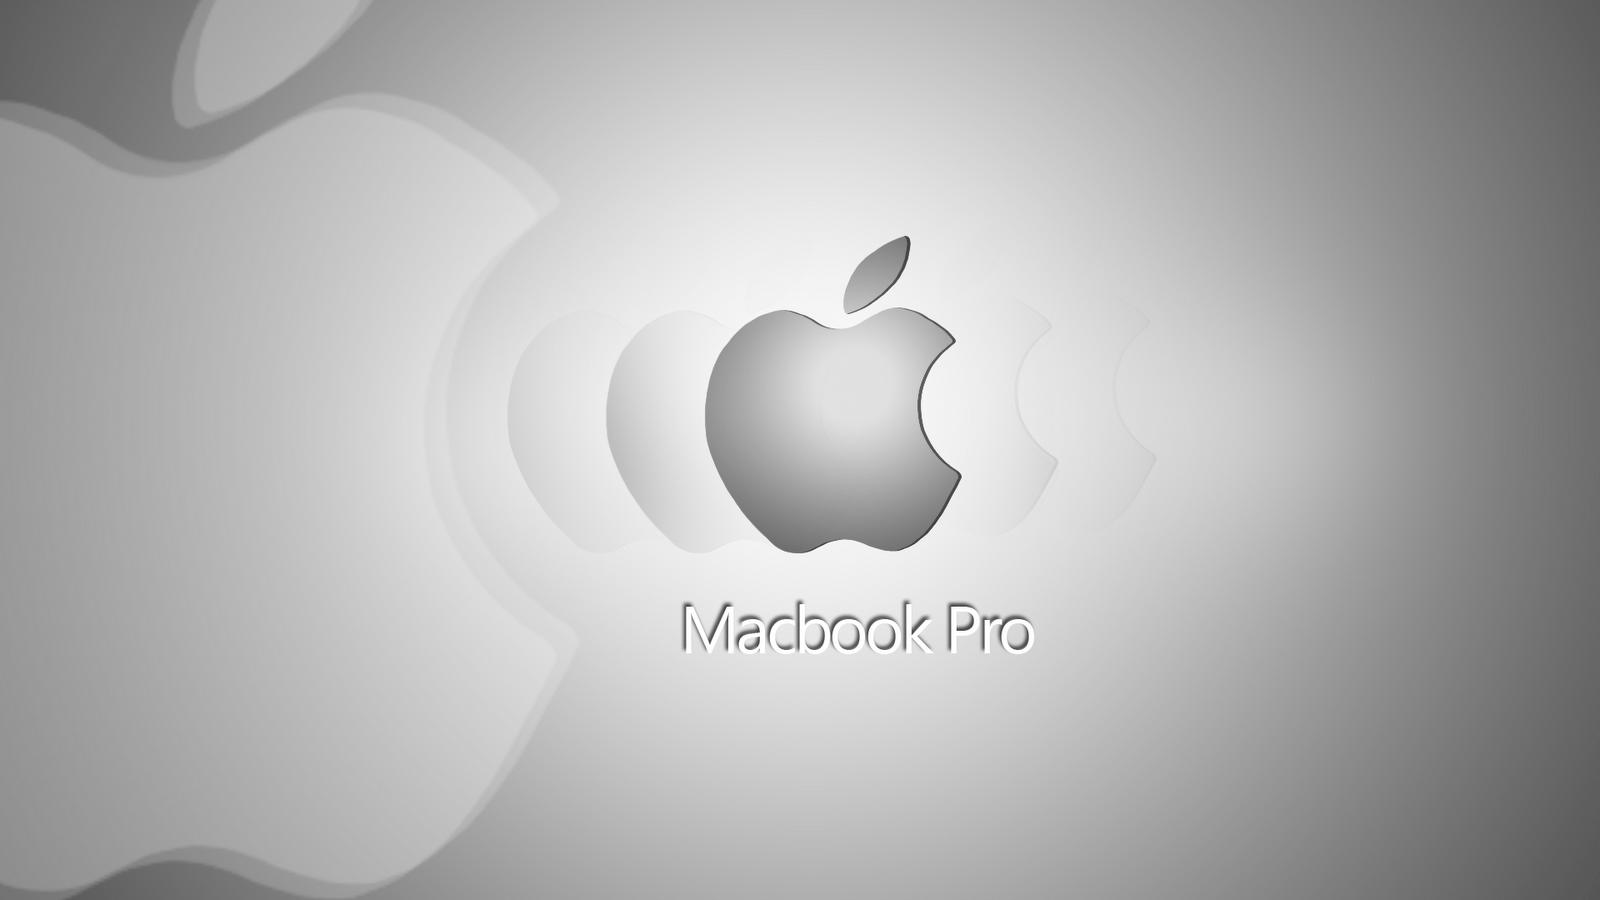 macbook pro wallpapers wallpaper cave